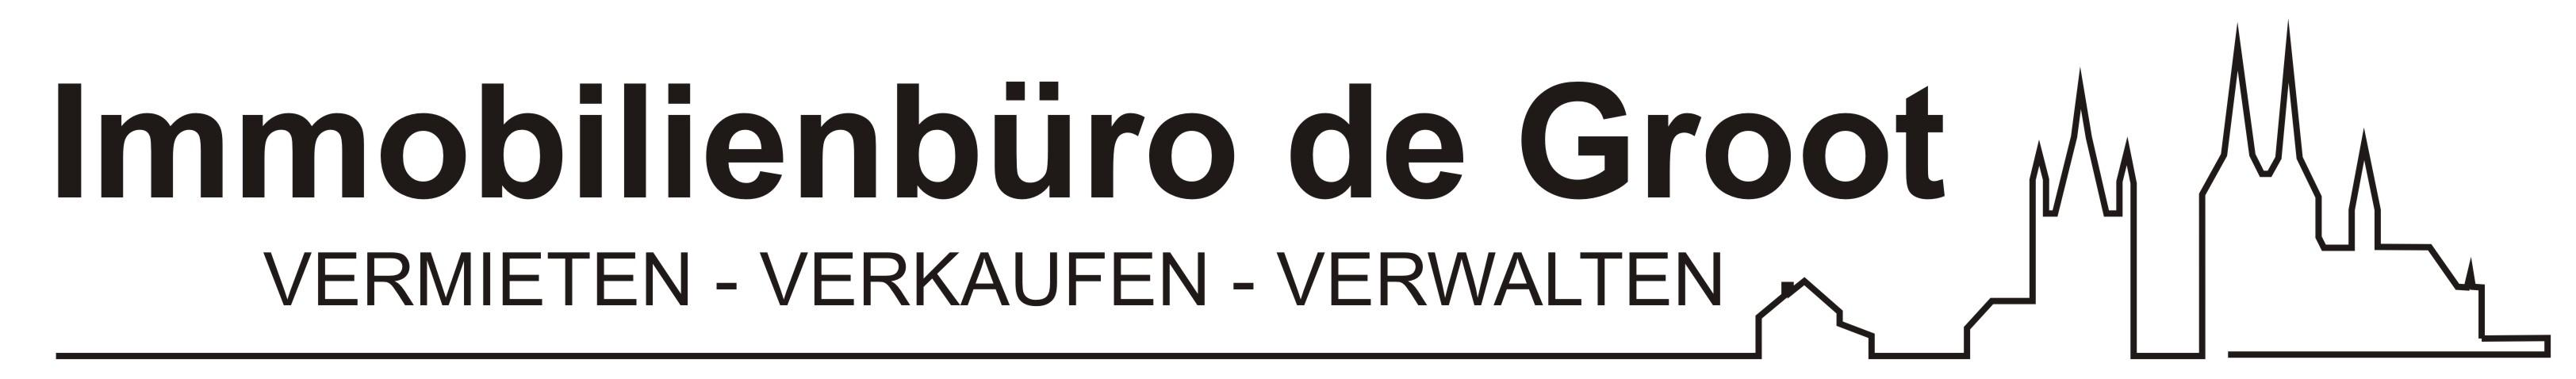 Hier sehen Sie das Logo von Immobilienbüro de Groot